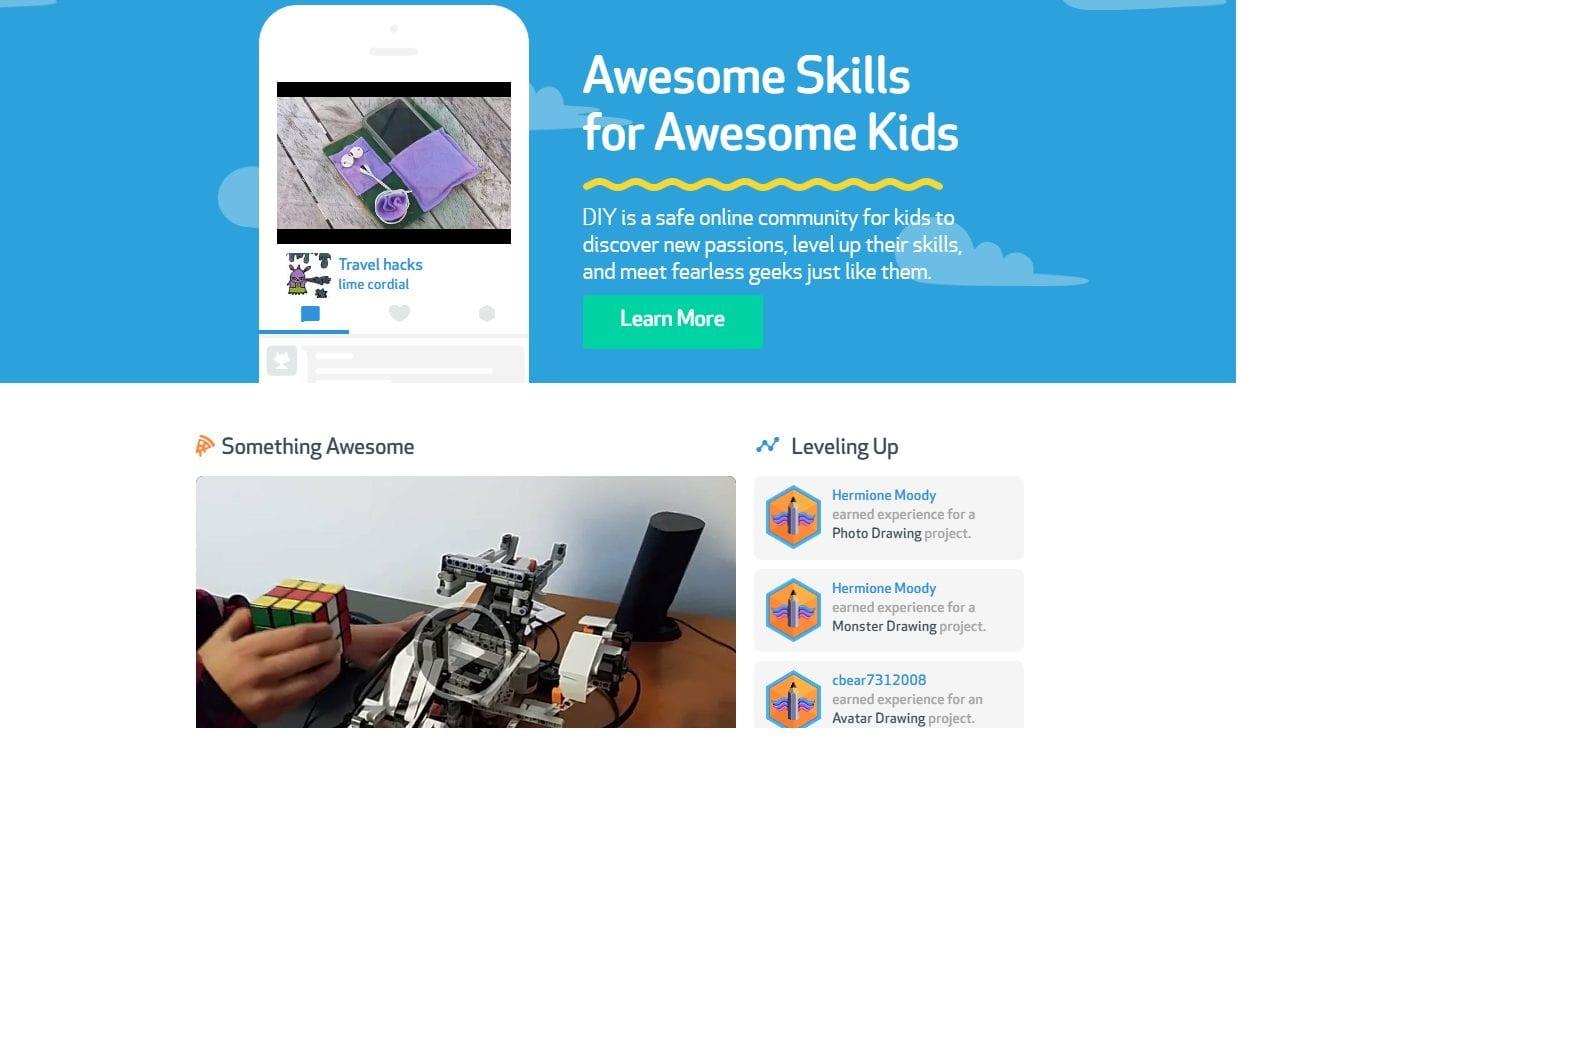 Το εκπληκτικό DIY Kid Skills Community για παιδιά